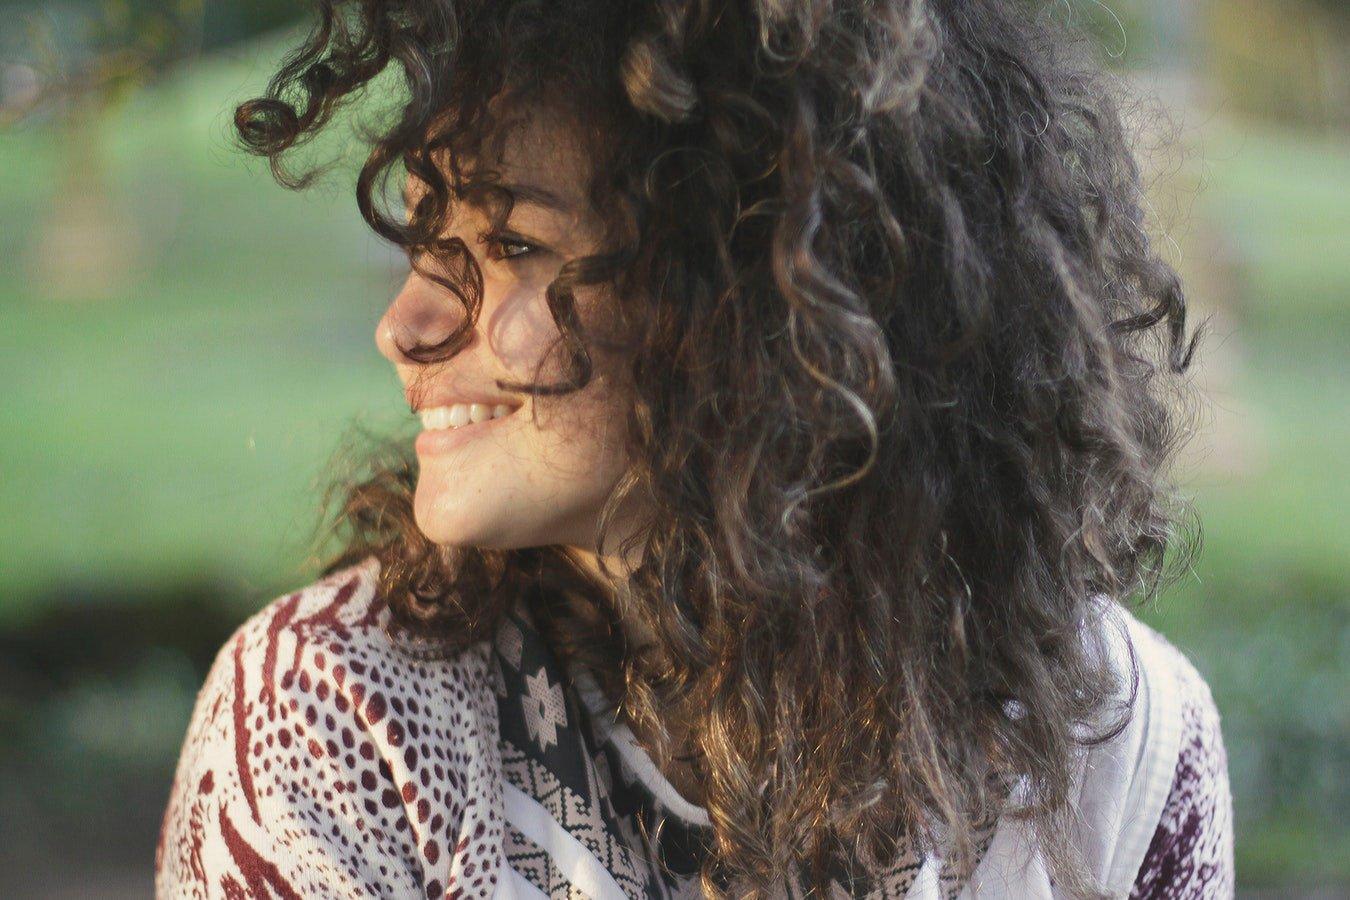 Mulher olhando para o lado sorrindo